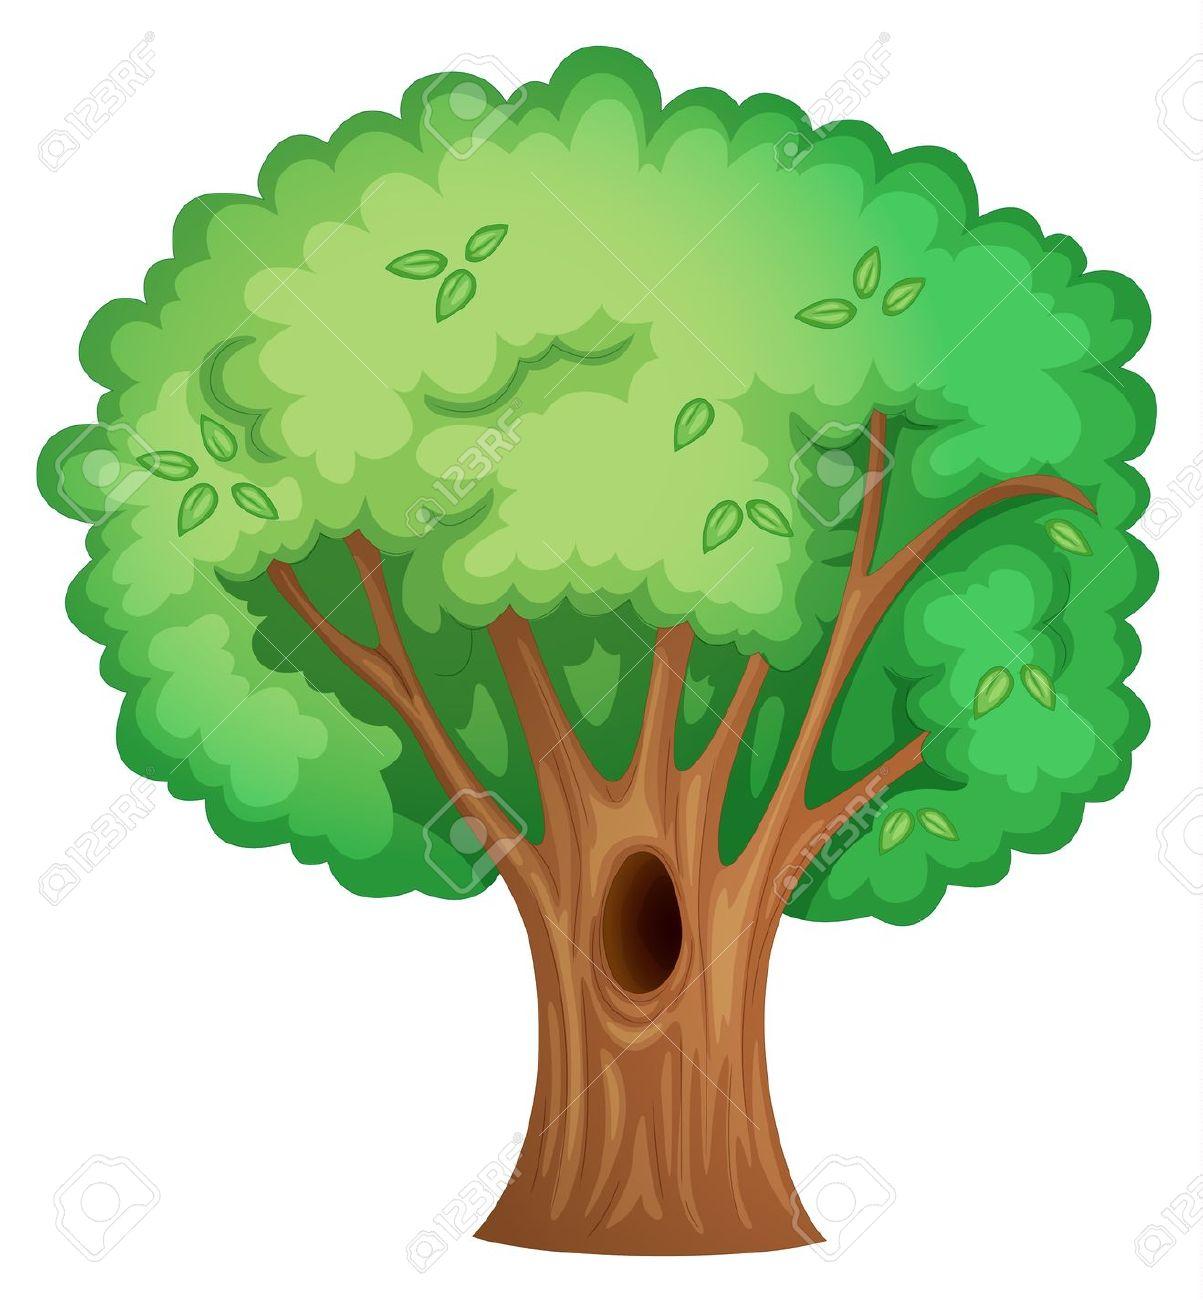 Рисуем деревья с дуплом